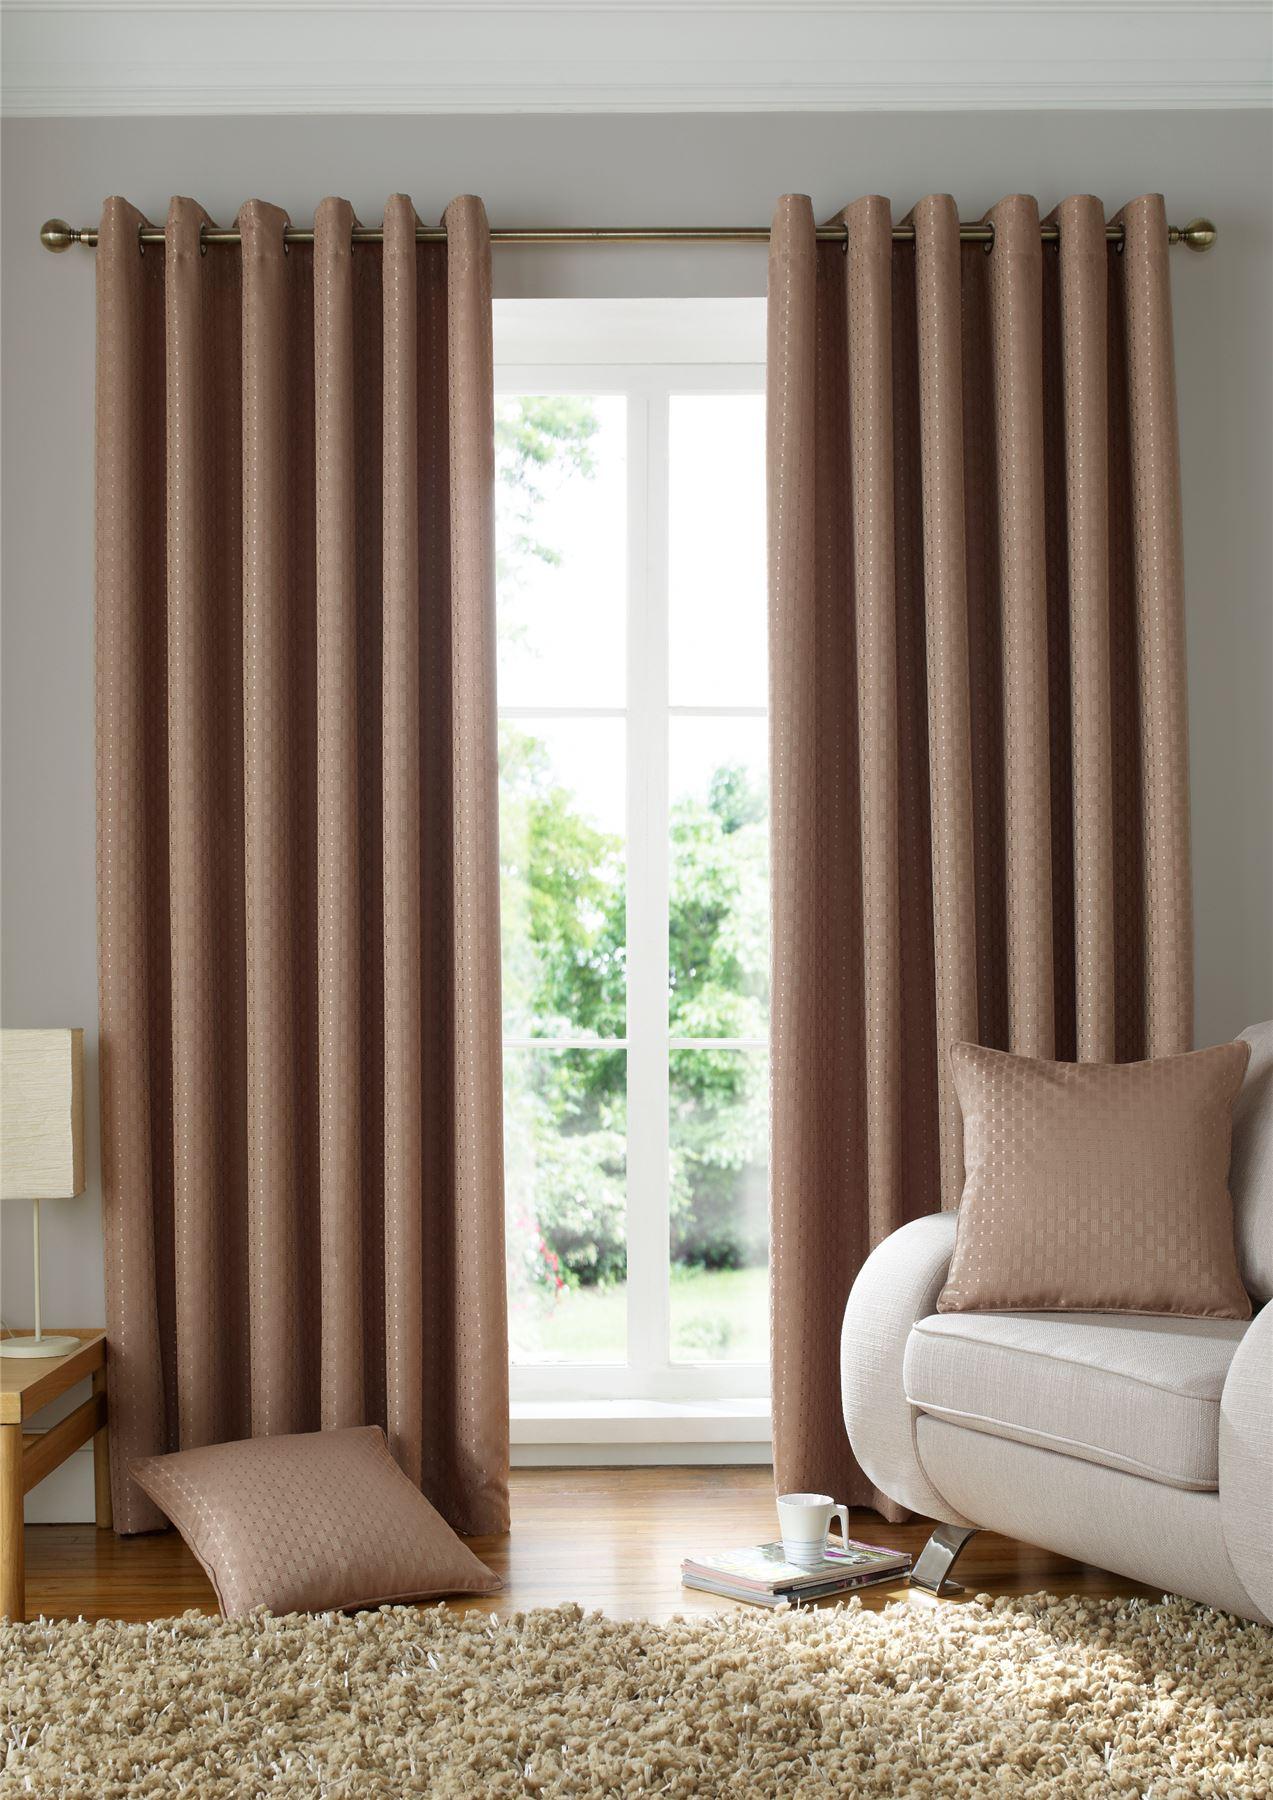 Tissé beige jacquard carrés beige Tissé doublé rideaux à anneaux rideaux  9 tailles 847d8a